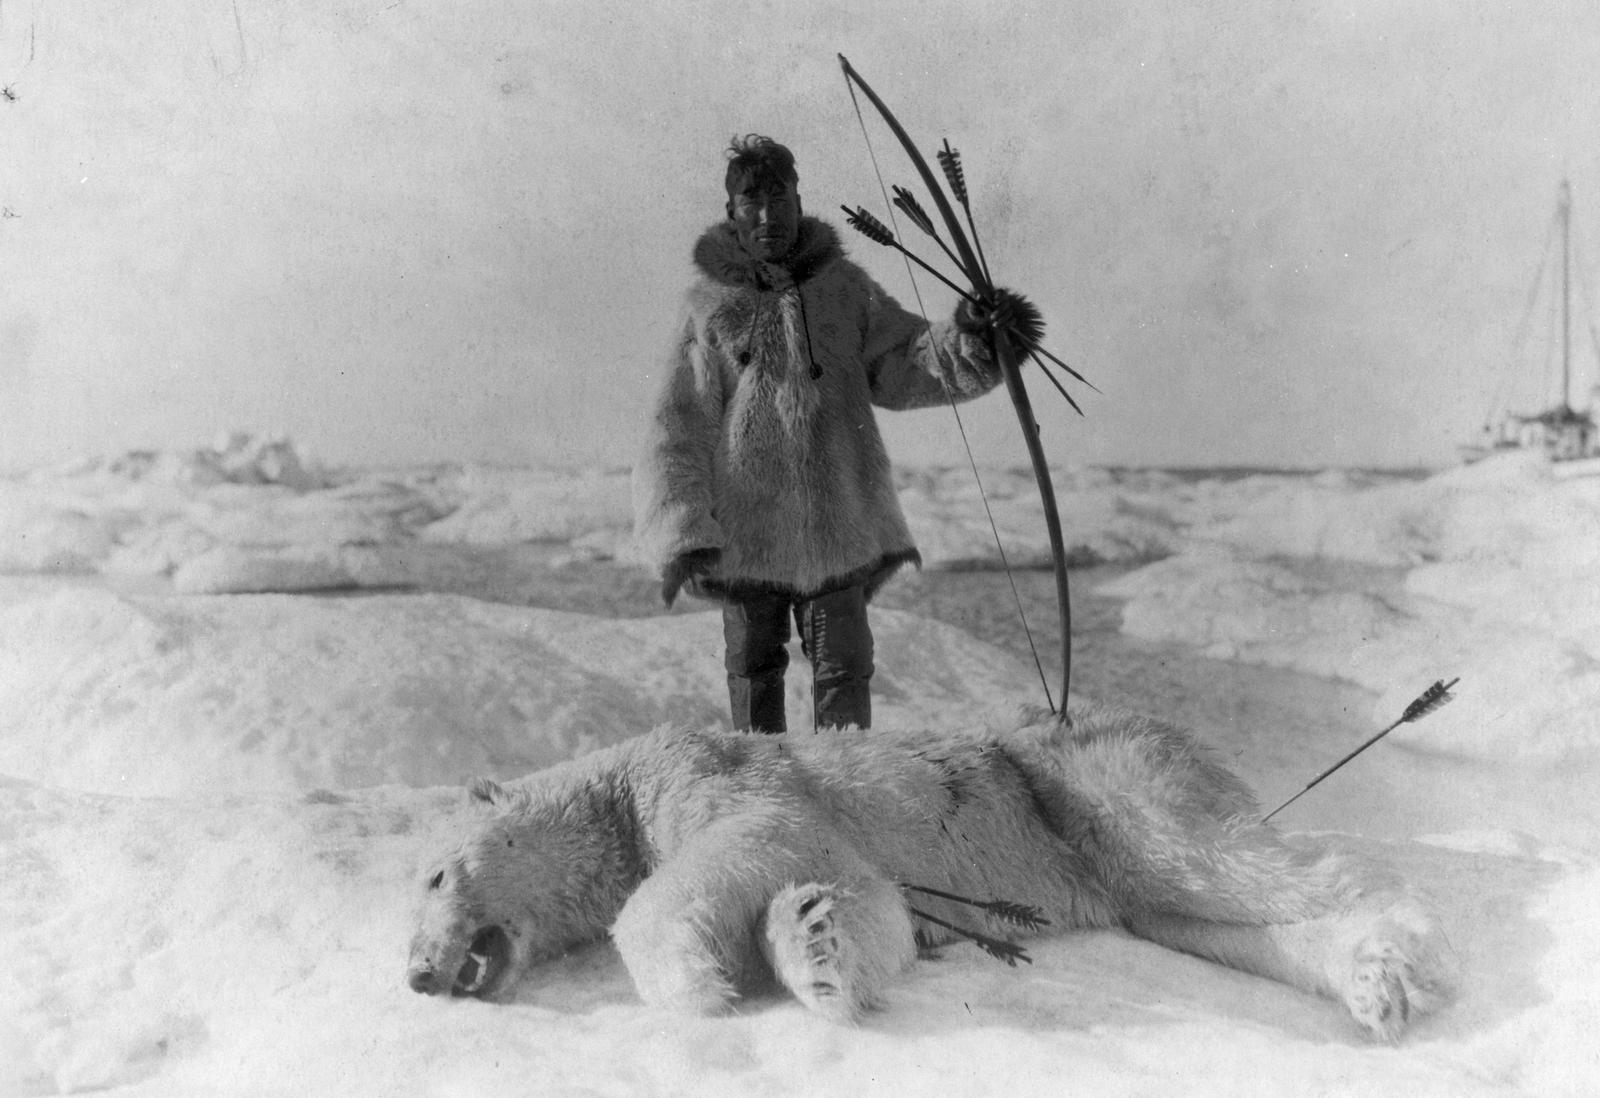 http://4.bp.blogspot.com/-lOOJ_CD_zVI/Tb6-0xVOxUI/AAAAAAAABv8/l1GyxtbPups/s1600/Eskimo+hunts+poar+bear-natam20loc.png